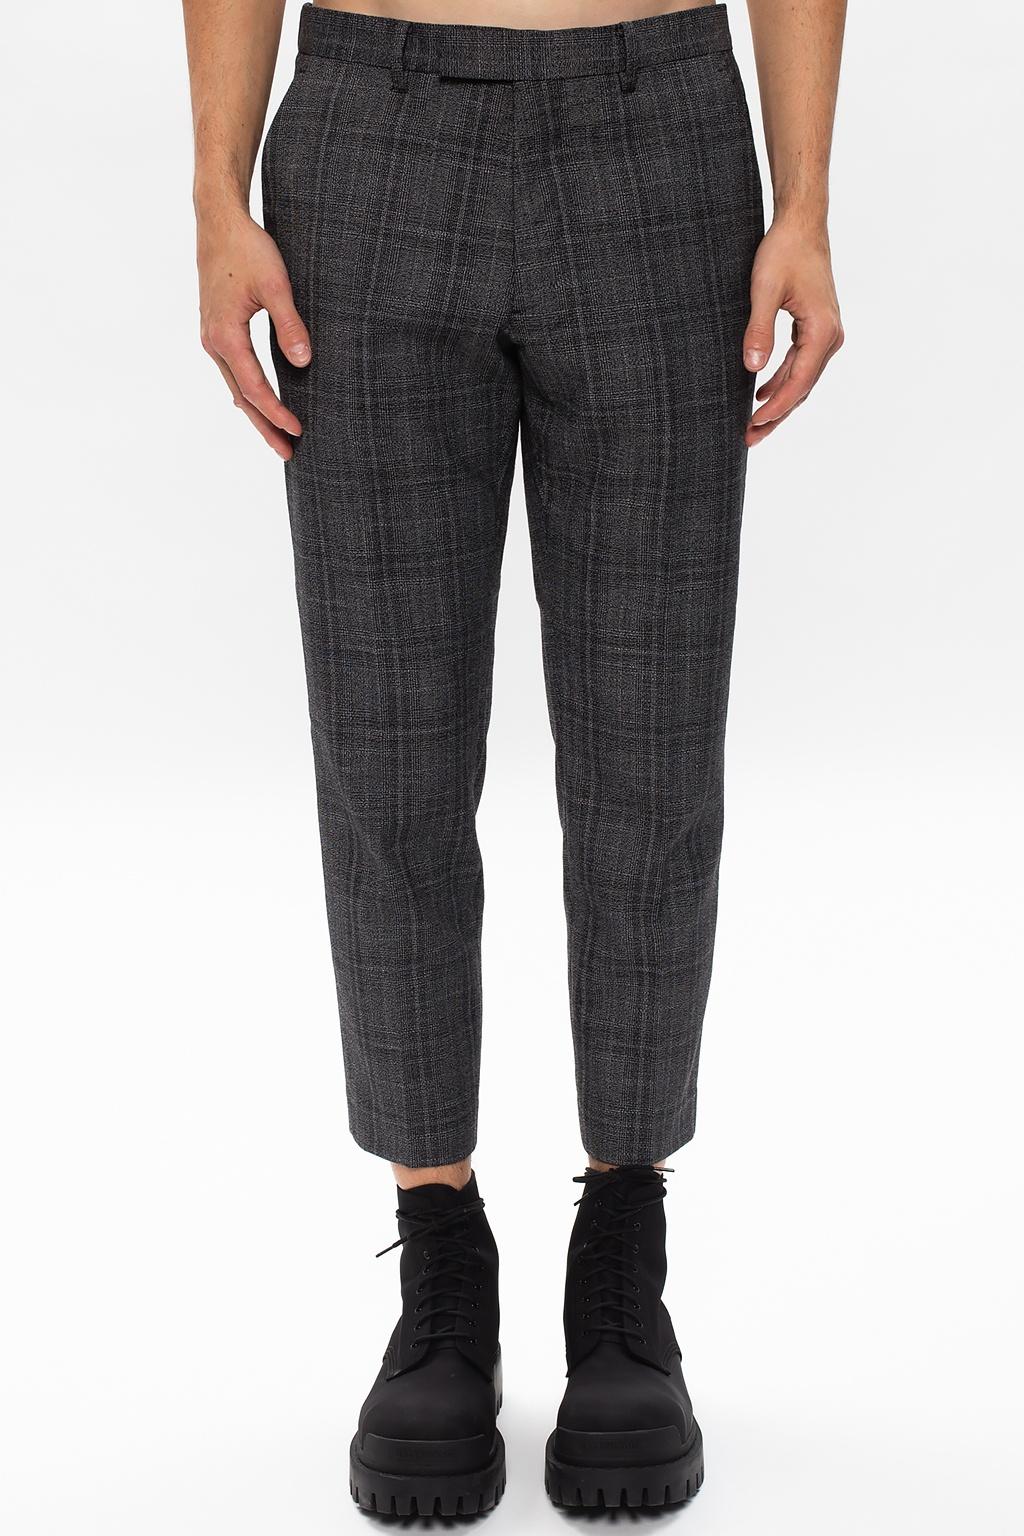 AllSaints 'Bennett' checked trousers